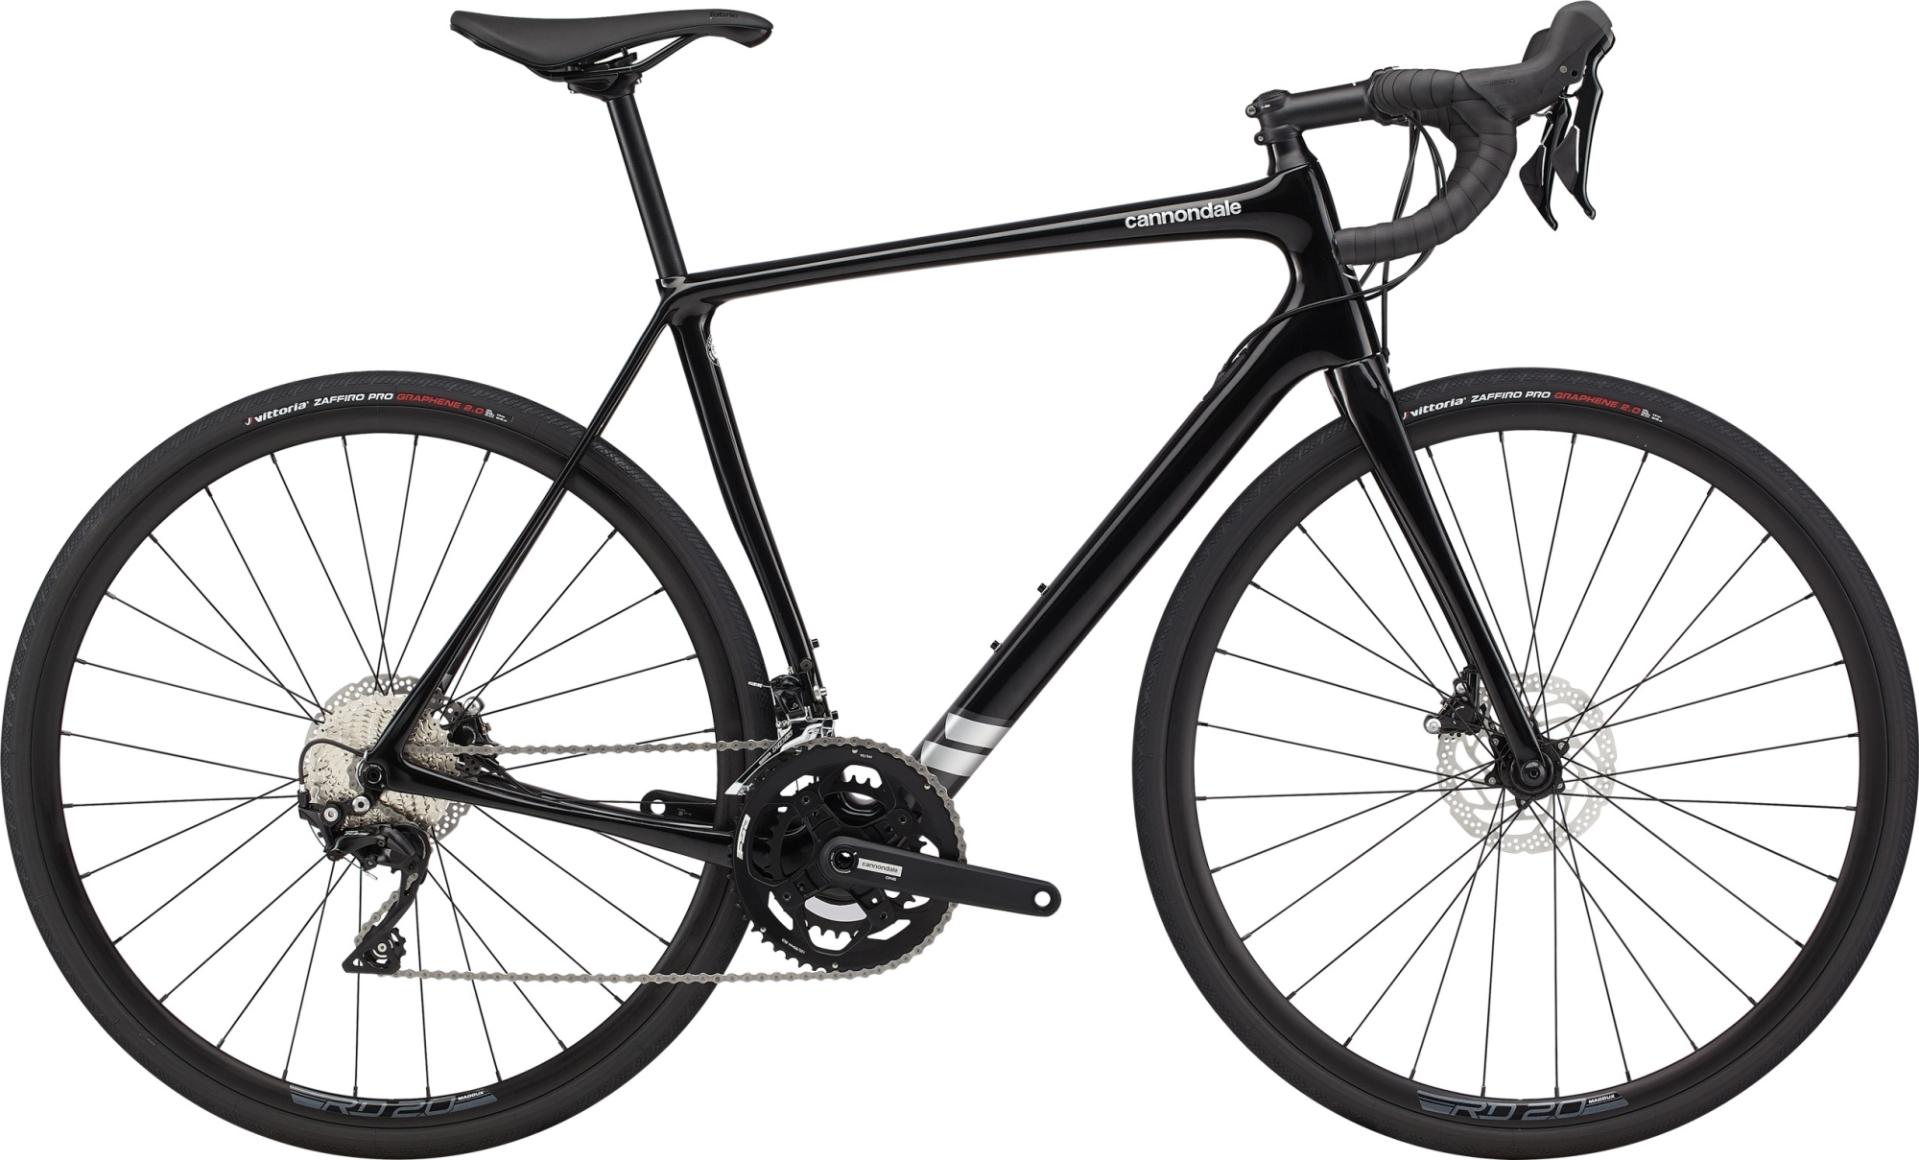 Cannondale Synapse Carbon 105 országúti kerékpár - fekete - 58 cm (2020)